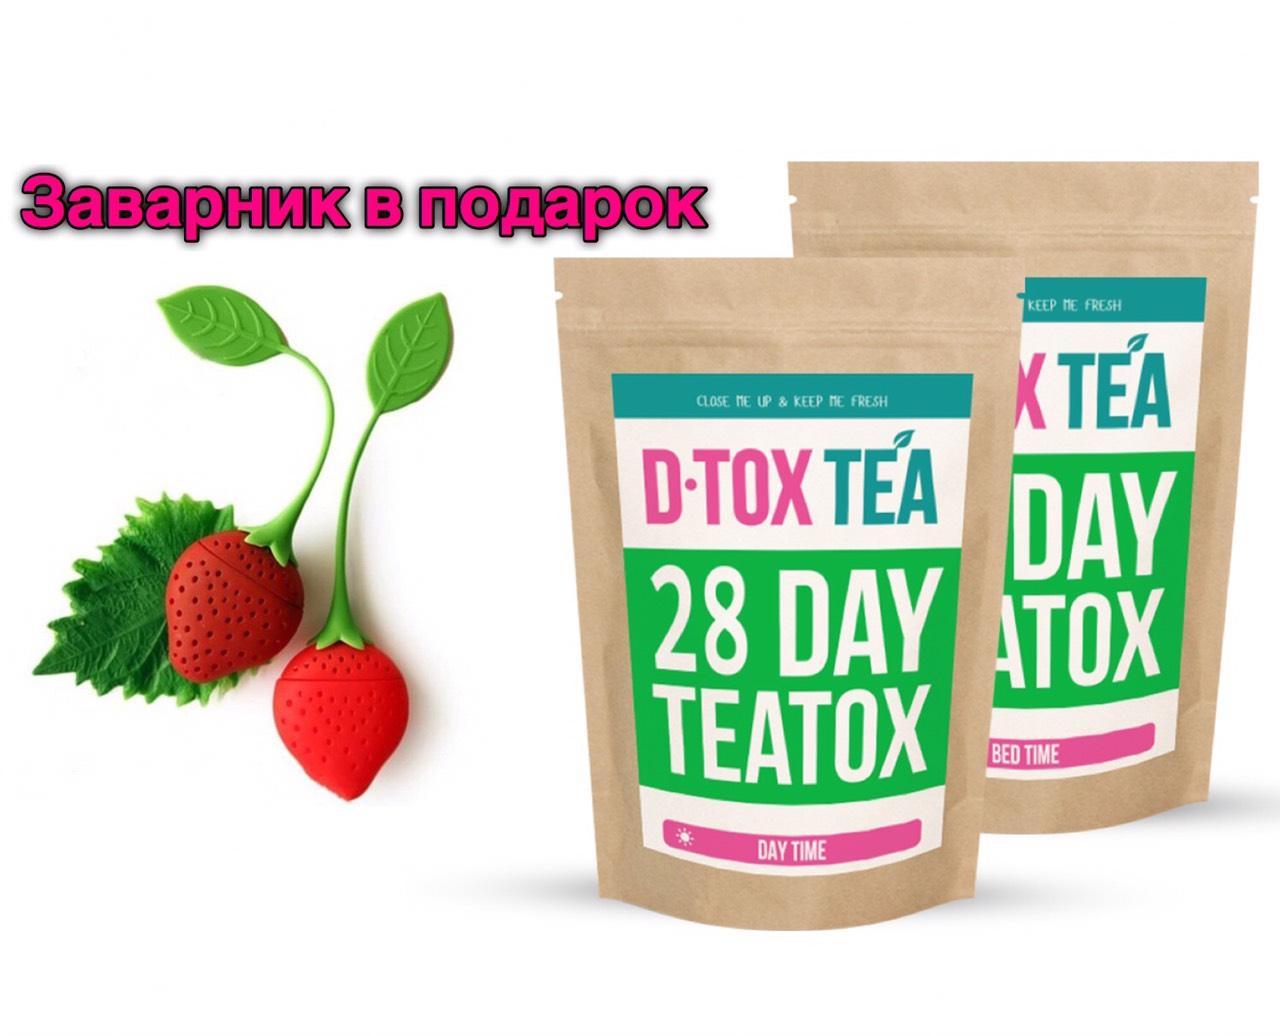 Детокс 28 дней чай для похудения D•TOX TEA  , купить, цена